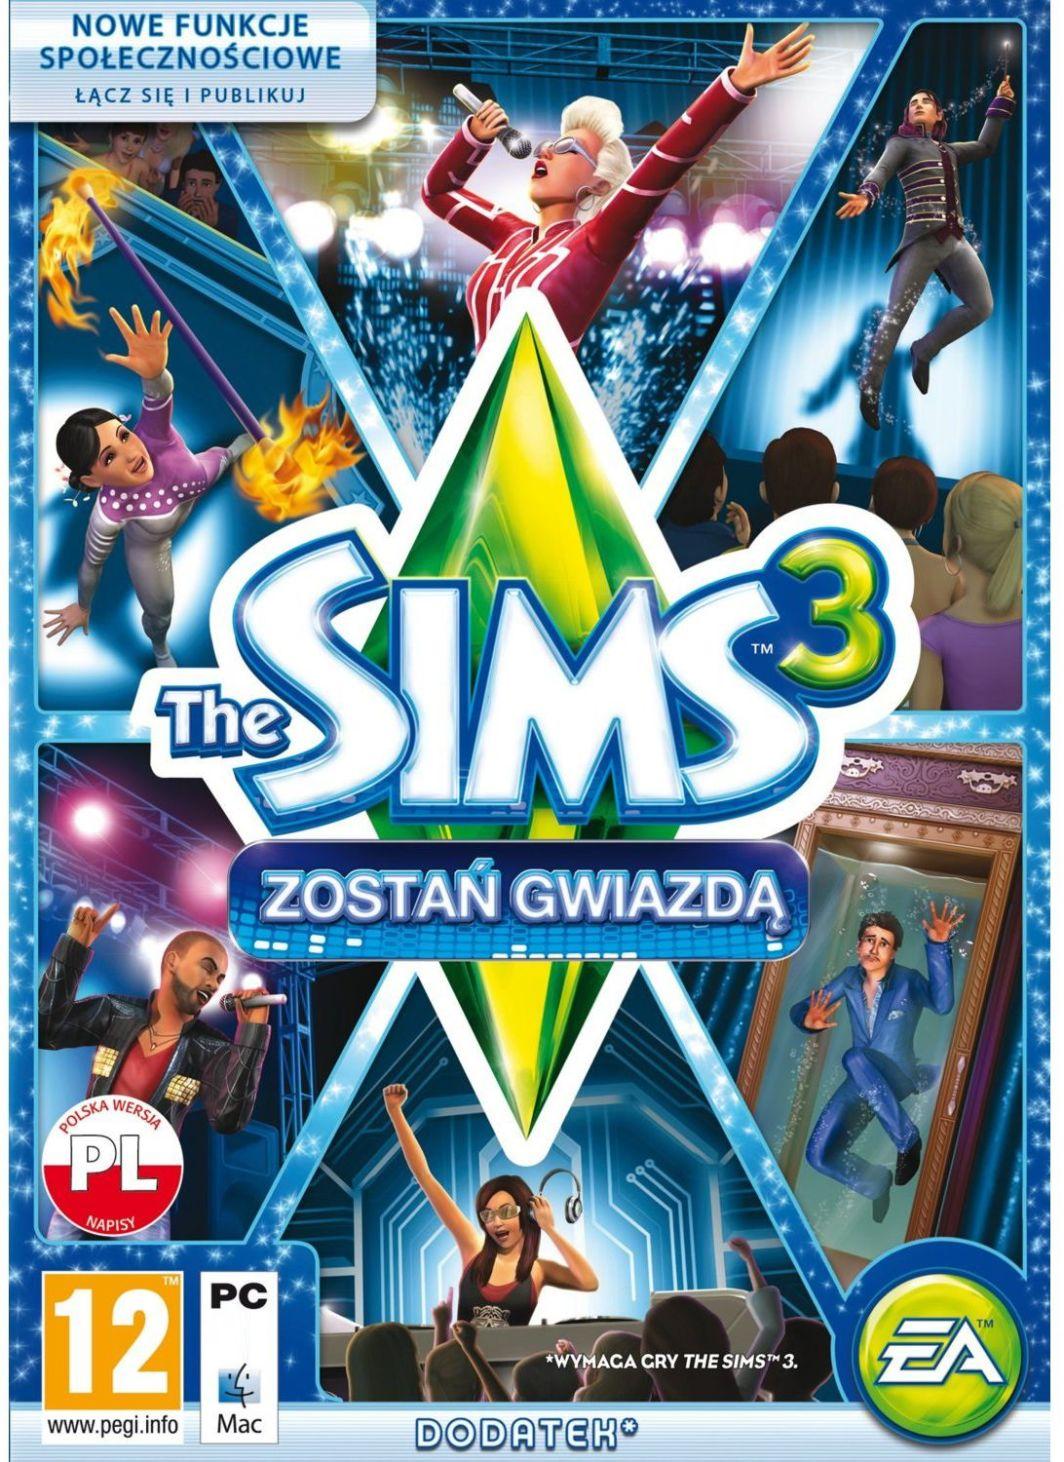 The Sims 3: Zostań gwiazdą PC, wersja cyfrowa 1